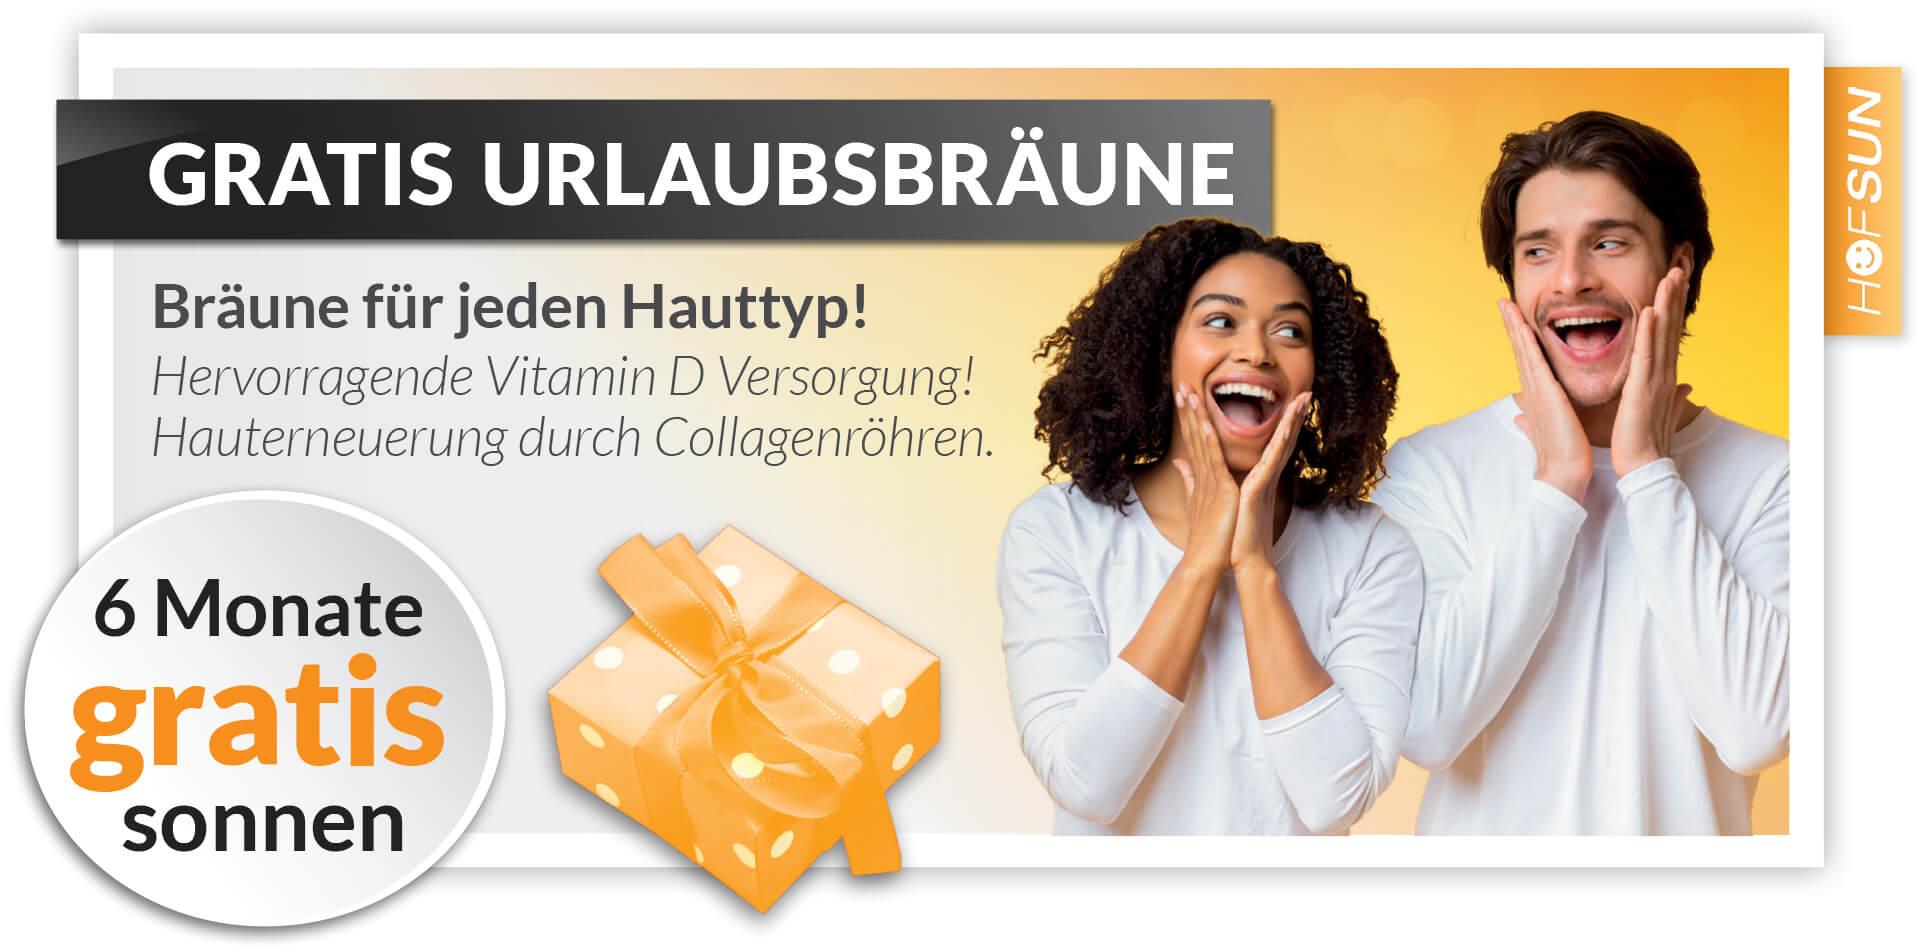 Sonnenstudio-HofSun-Rabatt-Gutschein-6Monate-gratis-Sonnen